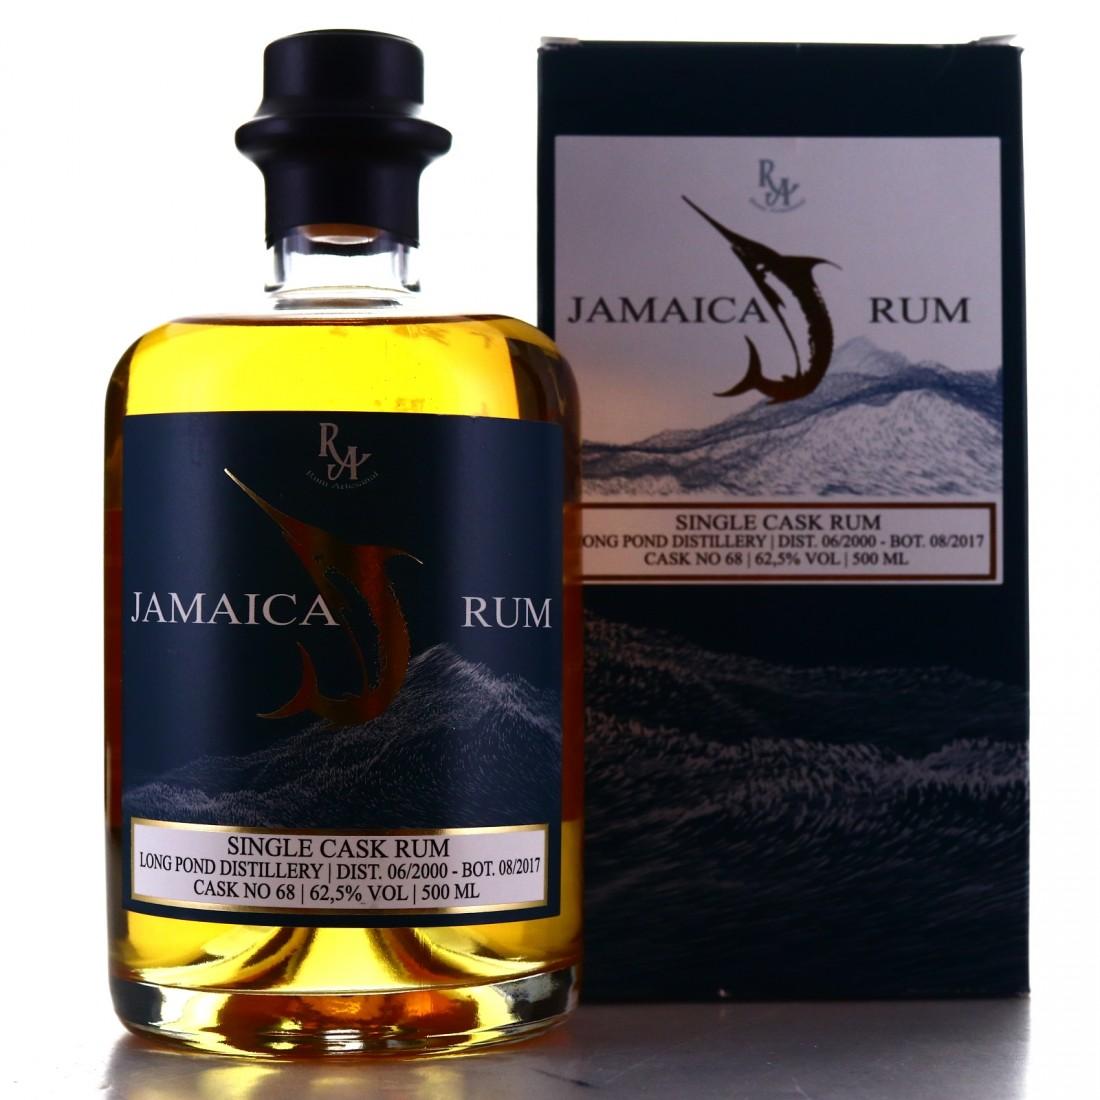 Long Pond 2000 Rum Artesanal 50cl